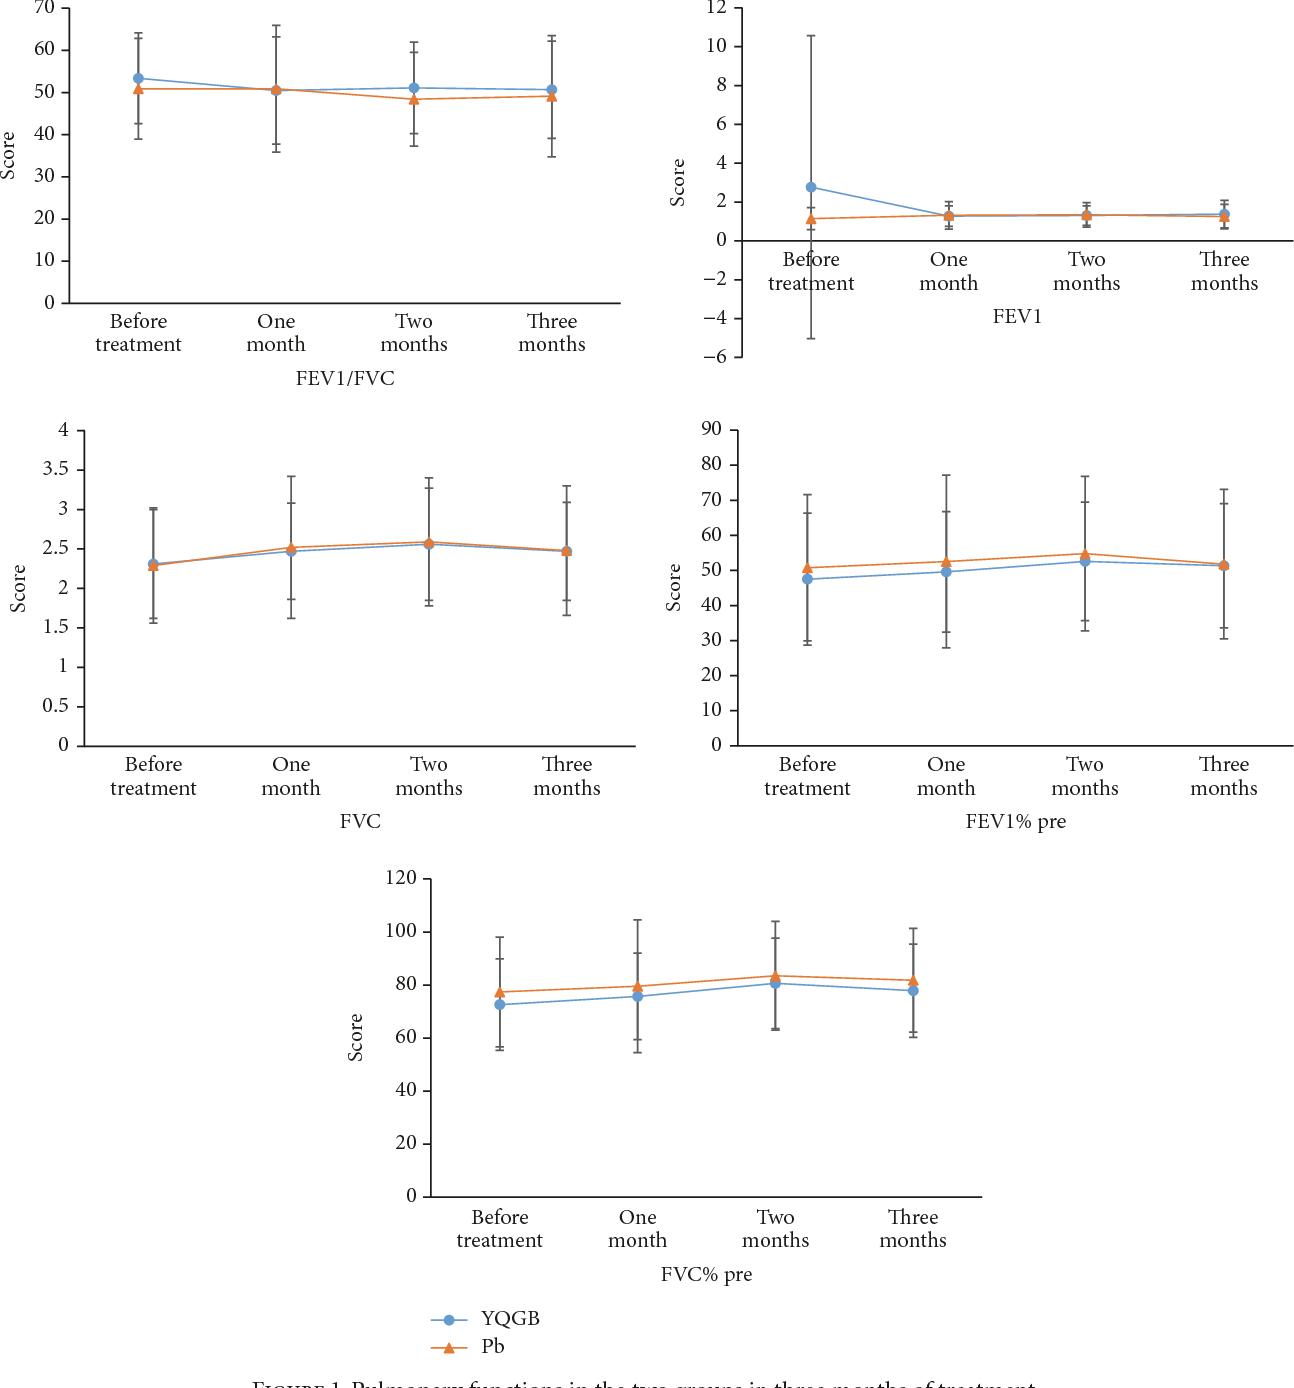 PDF] A Randomized Controlled Study of the Yi Qi Gu Biao Pill